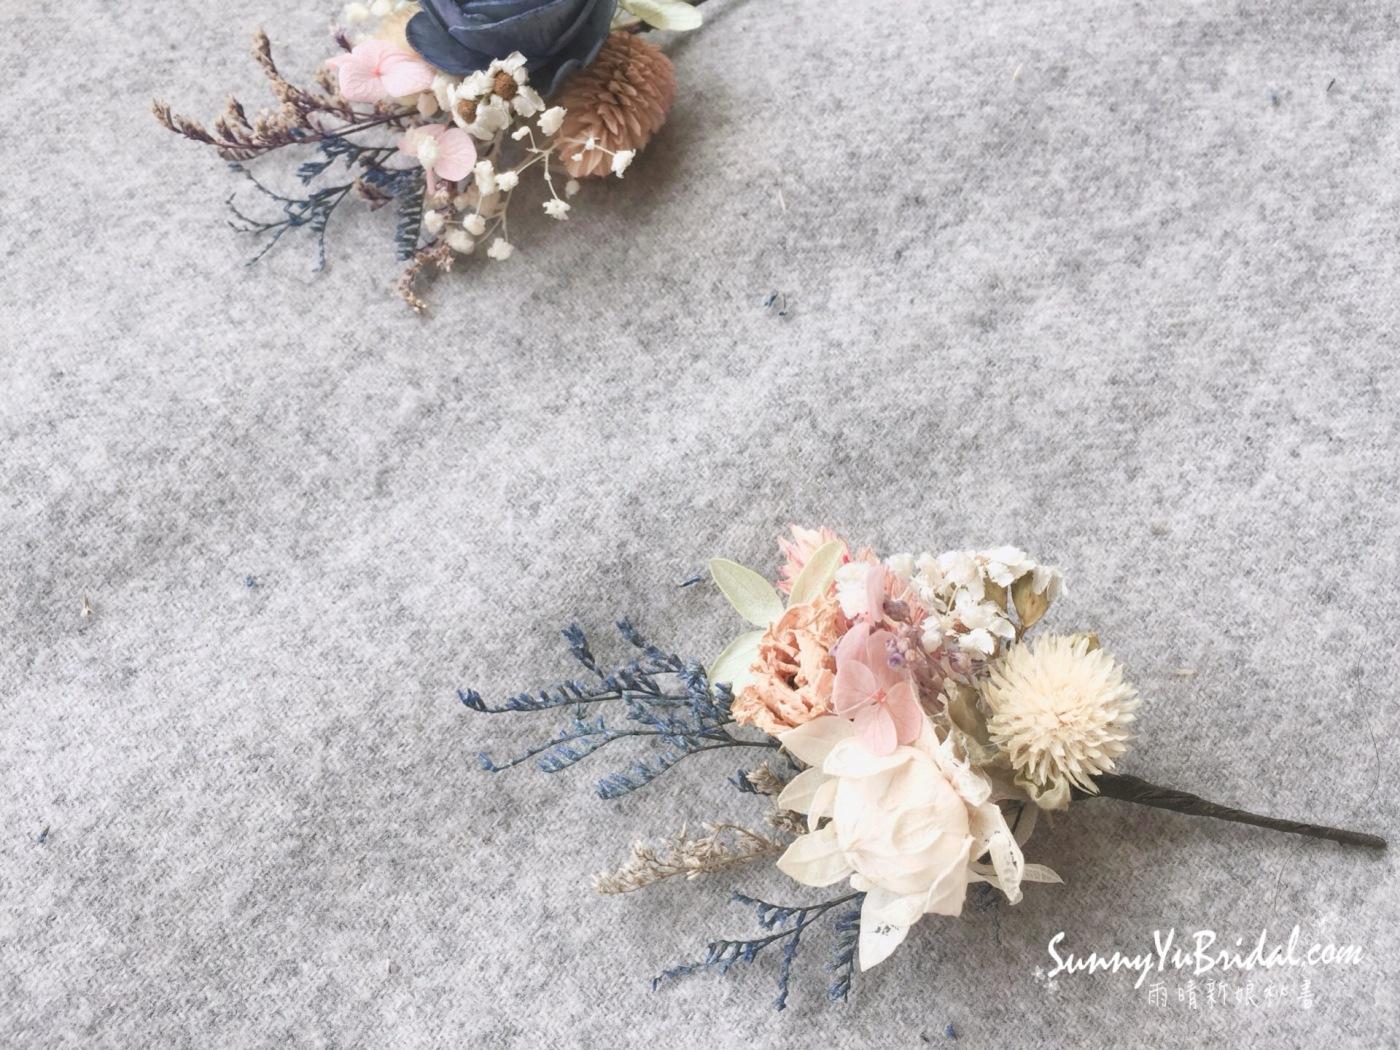 客製乾燥花飾|客製新娘飾品|台北新娘秘書|台北內湖南港新秘推薦雨晴|手作新娘飾品|雨晴手作|乾燥不凋花新娘飾品|乾燥花新娘造型|雨晴手作乾燥花飾|煙燻粉玫瑰|不凋花|永生花|白紗髮飾|白紗造型|客製手作乾燥花髮叉